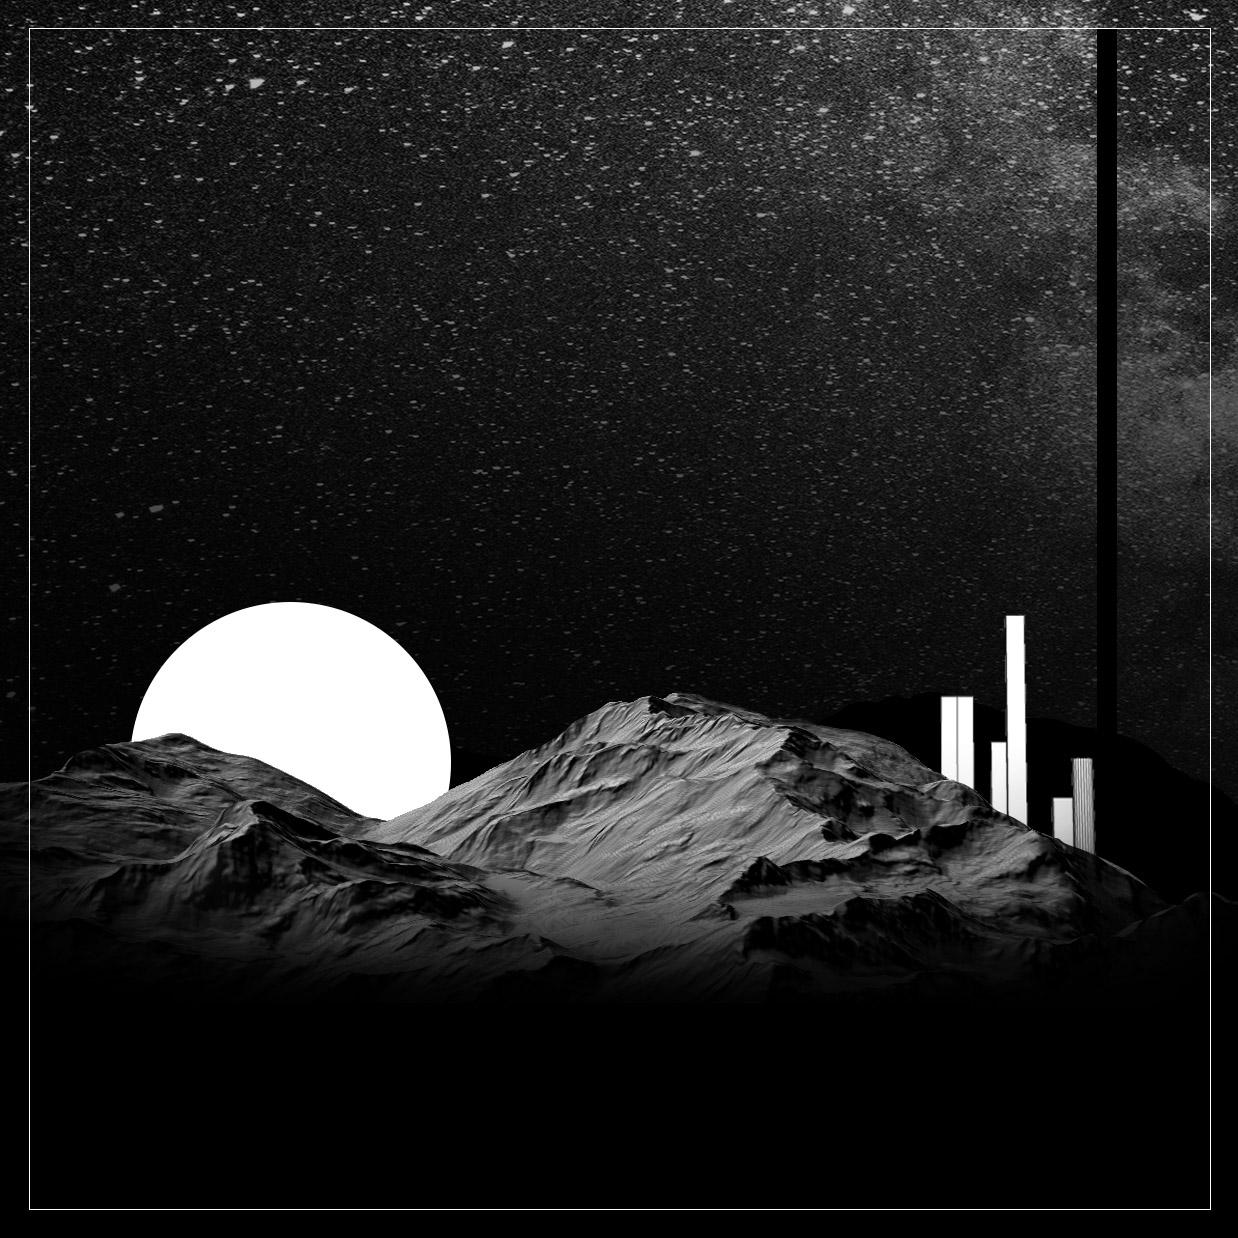 diane Laboratoire et urbanisme d'un Relief issu d'un MNT, montagne sous la lune issu du laboratoire actéon